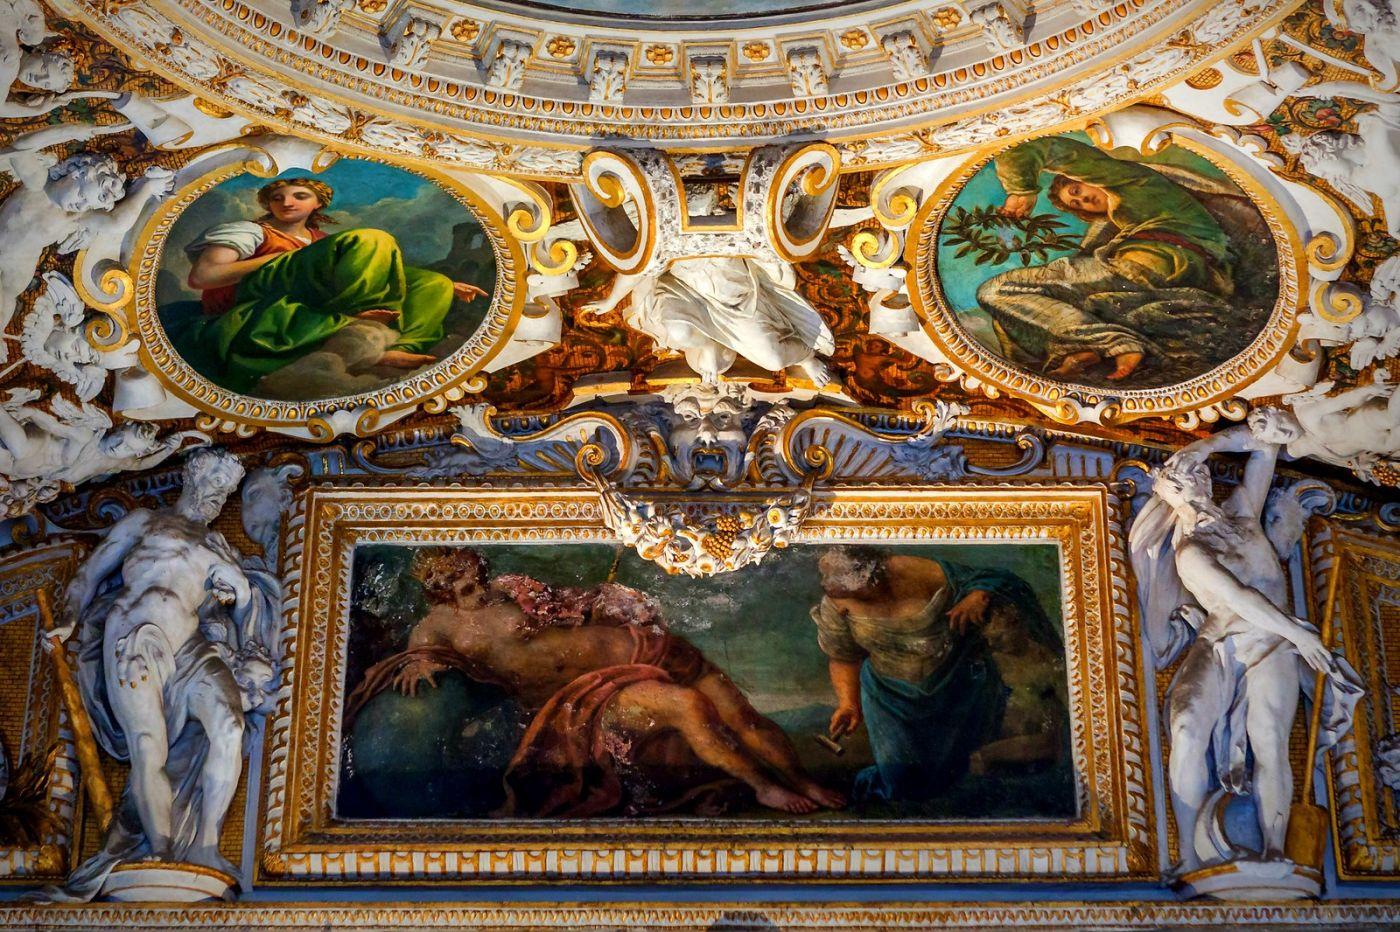 威尼斯圣马可大教堂(St Mark's Basilica), 精雕细琢的顶设_图1-38